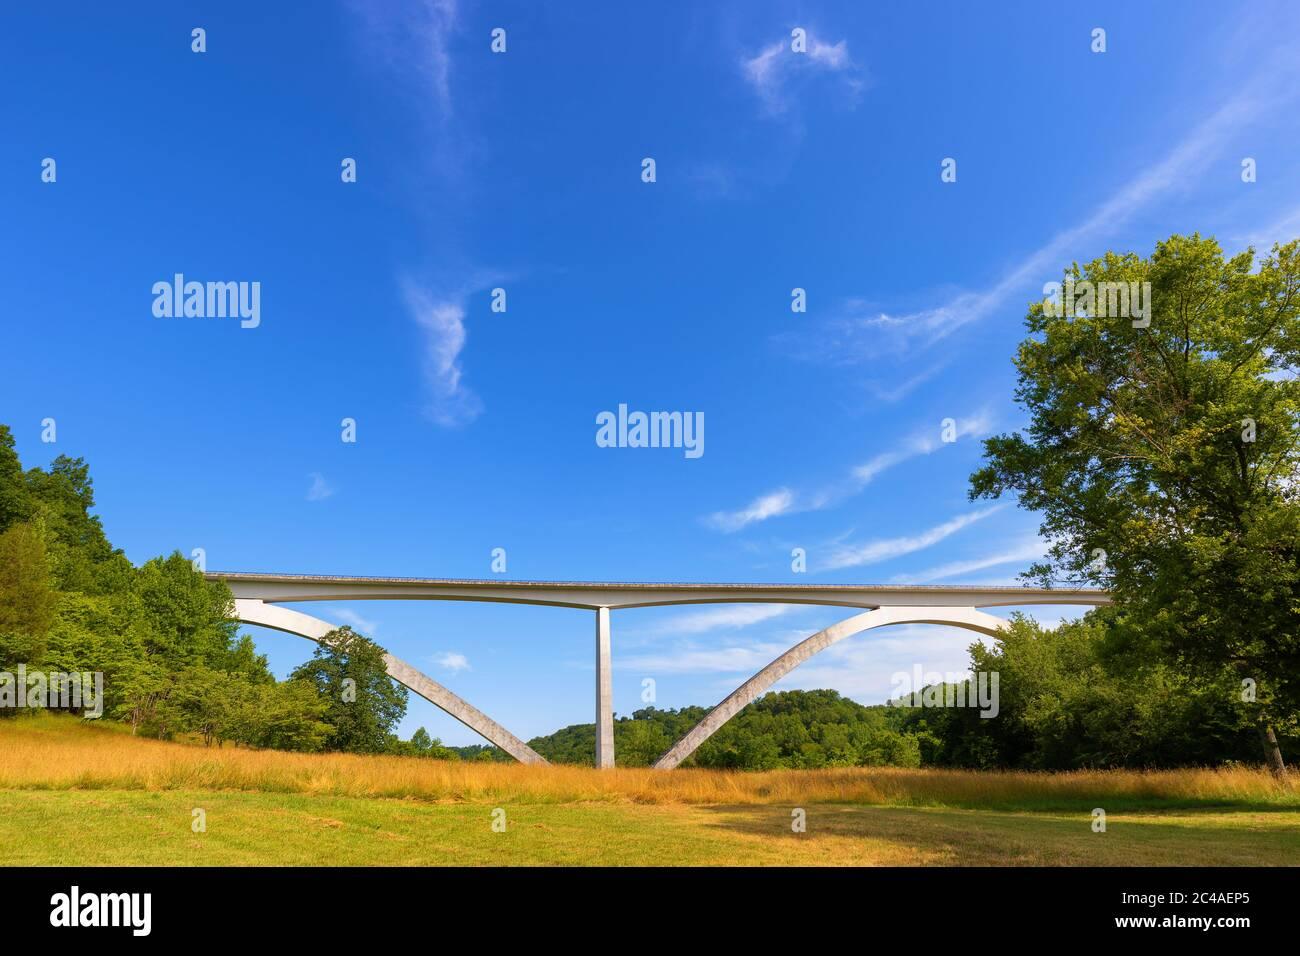 Il ponte Natchez Trace Parkway è una struttura a doppio arco situata all'inizio della storica strada del Tennessee. Foto Stock